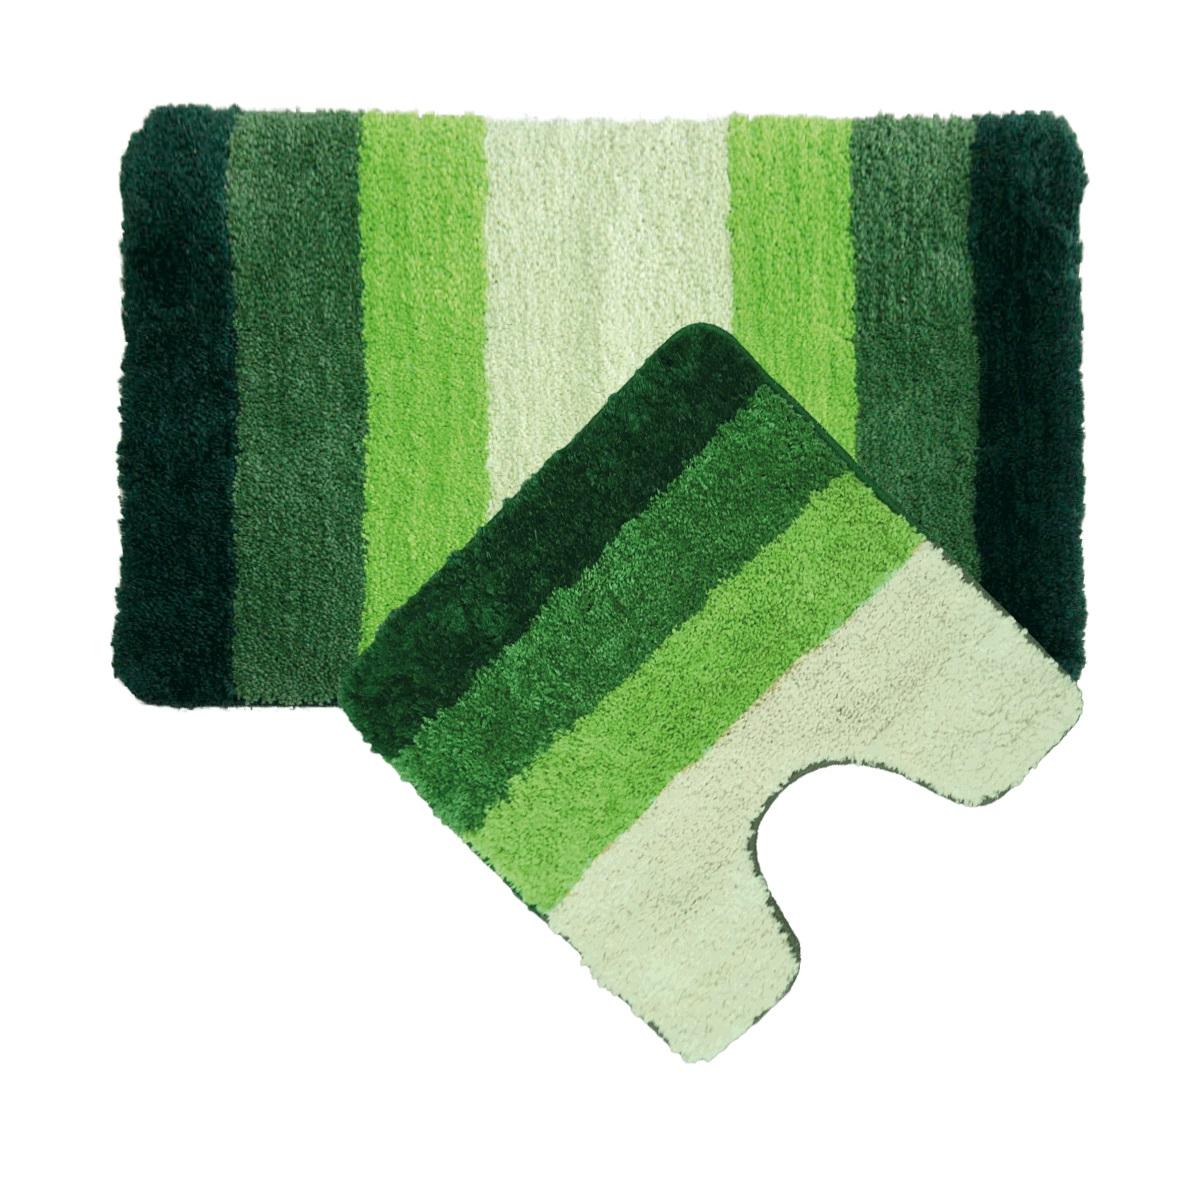 Набор ковриков для ванной Iddis Green Gradiente, цвет: зеленый, 50 х 80 см, 50 х 50 см, 2 шт552M580i13Набор ковриков для ванной комнаты и туалета Iddis выполнен из микрофибры. Коврики имеют специальную латексную основу, благодаря которой они не скользят на напольных покрытия в ванной, что обеспечивает безопасность во время использования. Коврики изготавливаются по специальным технологиям машинного ручного тафтинга, что гарантирует высокое качество и долговечность.Высота ворса: 2,5 см.